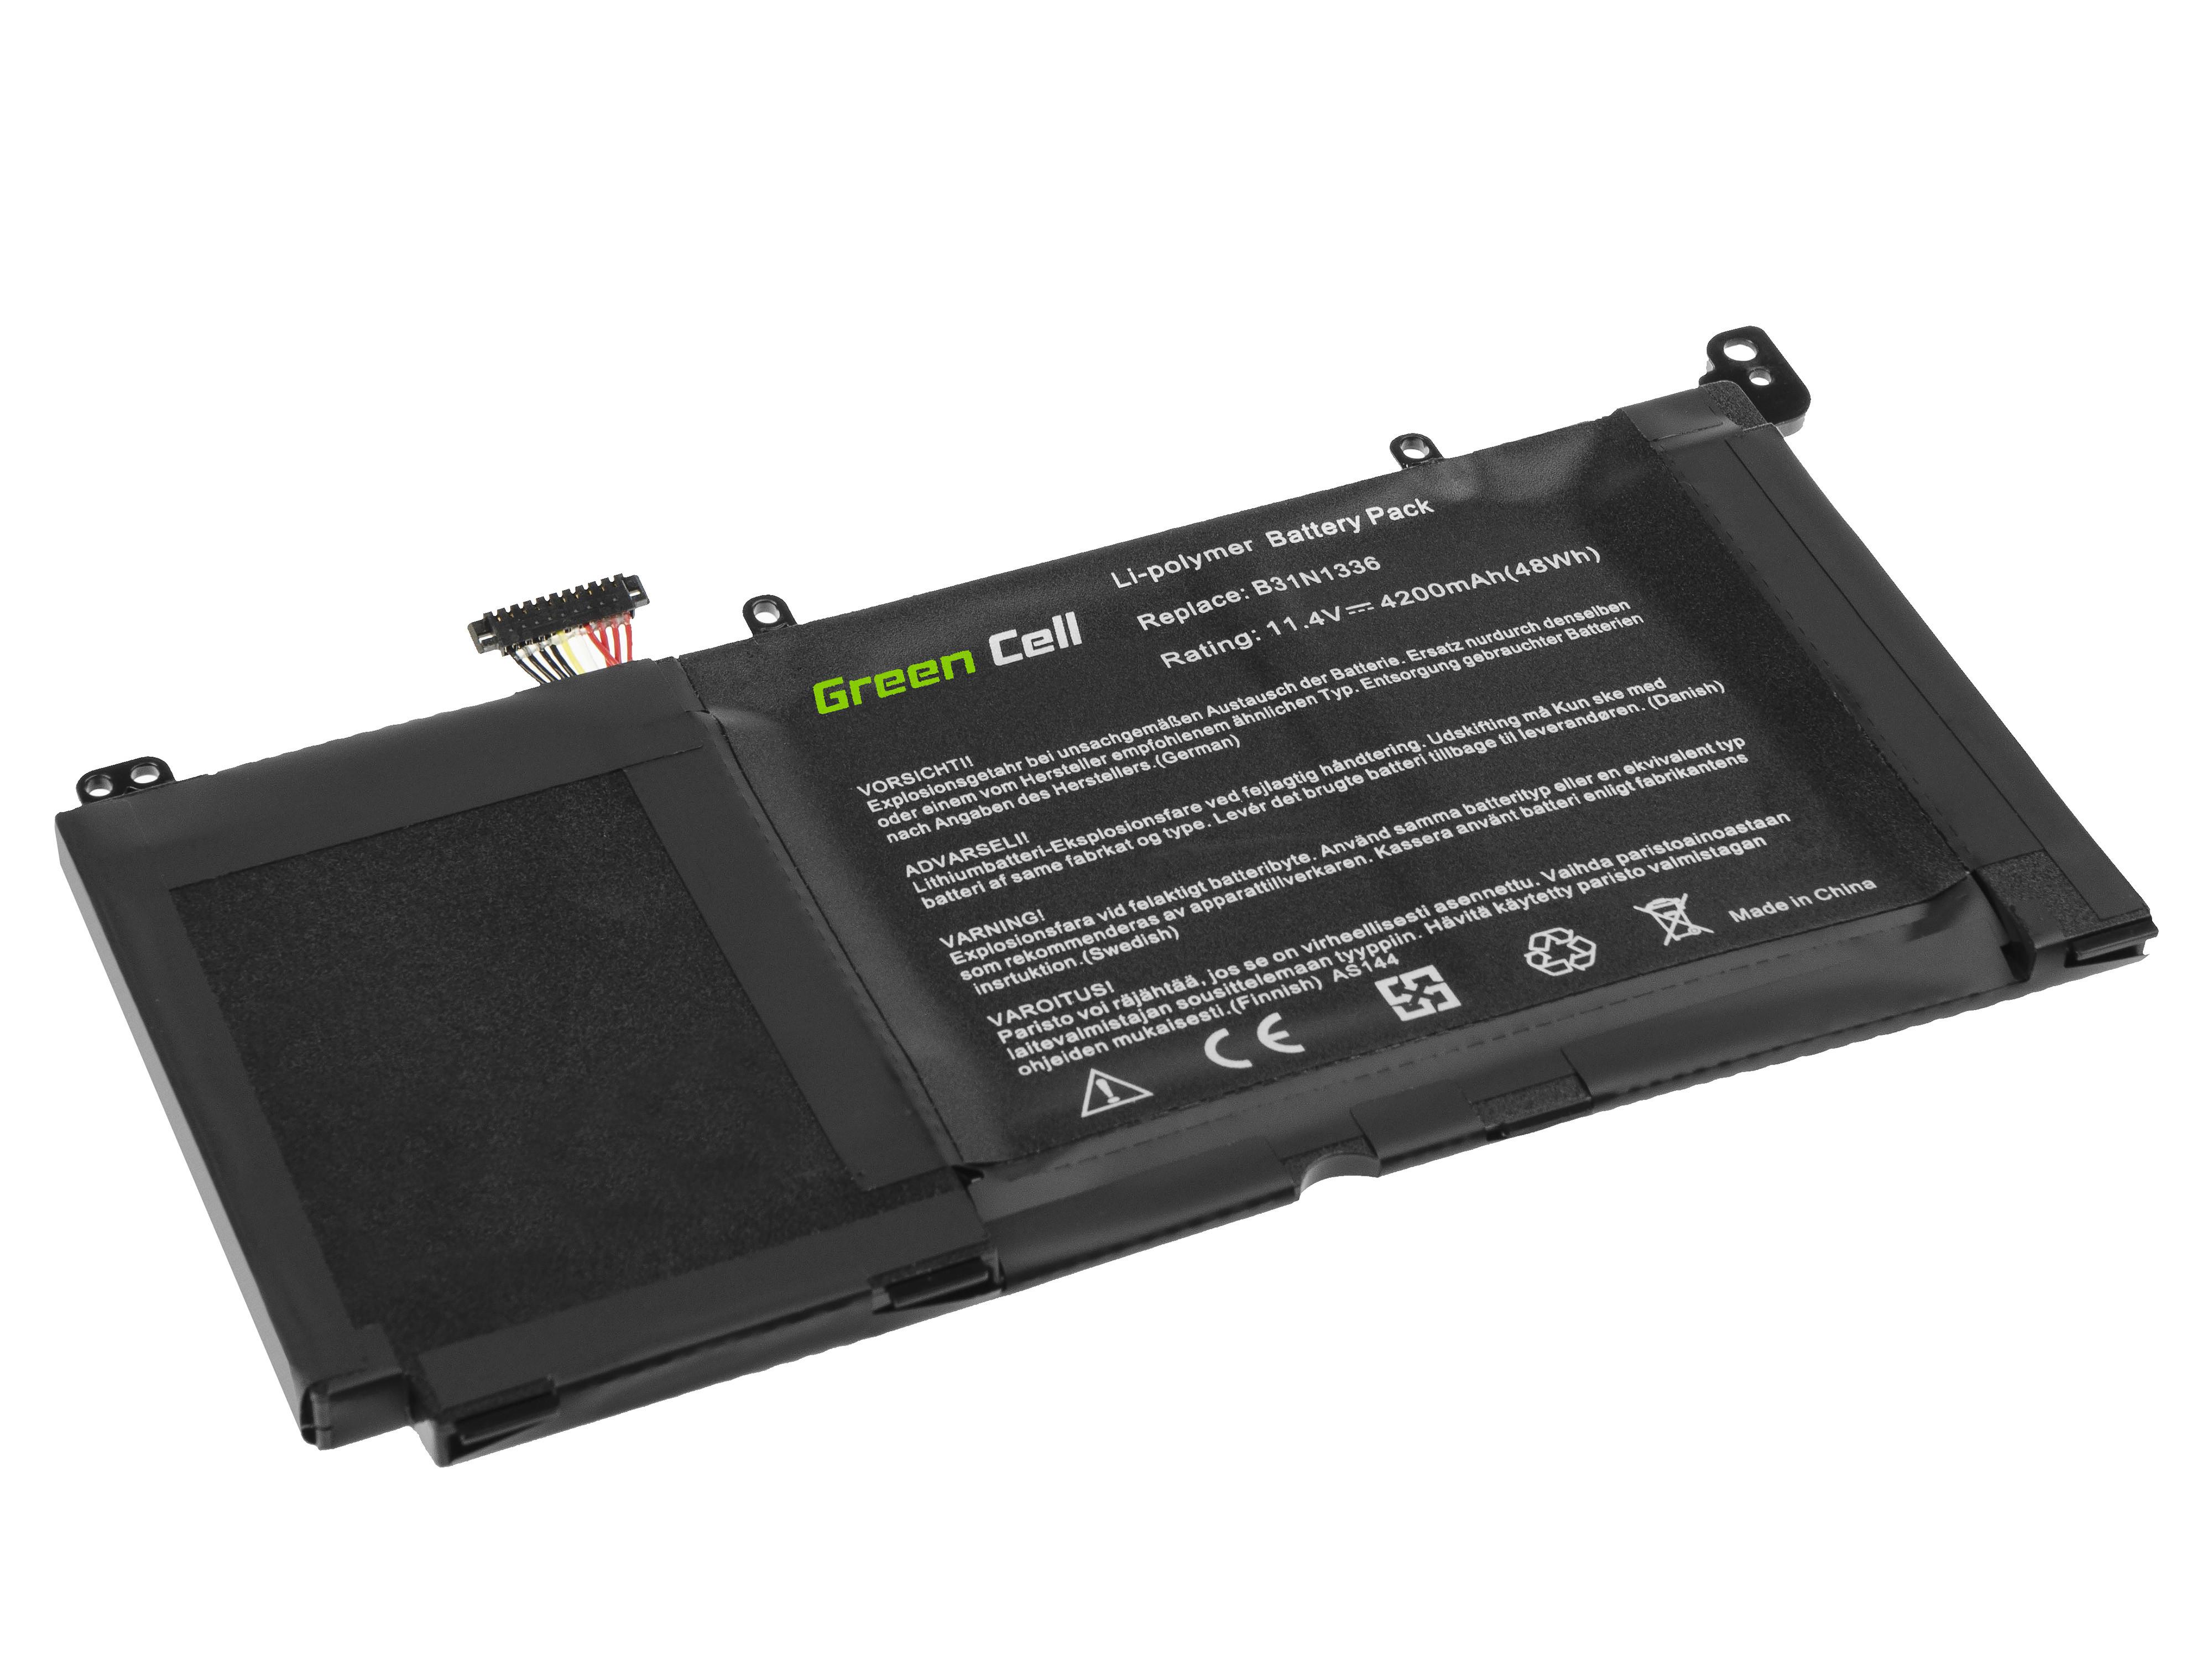 Green Cell AS144 Baterie Asus B31N1336, Asus R553 R553L R553LN 4200mAh Li-Pol – neoriginální